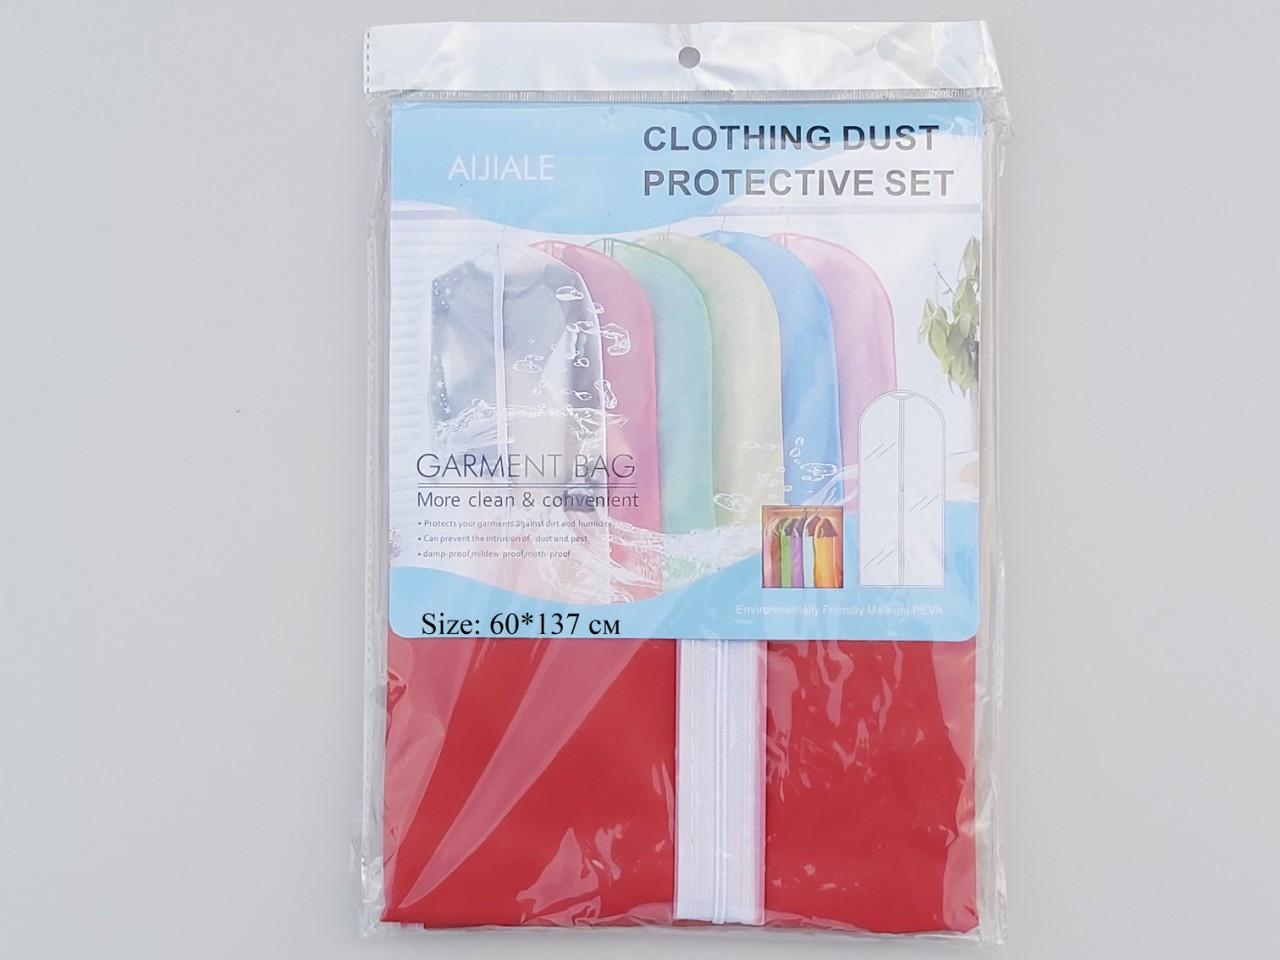 Чехол для хранения одежды из плащевки красного цвета, размер 60*137 см